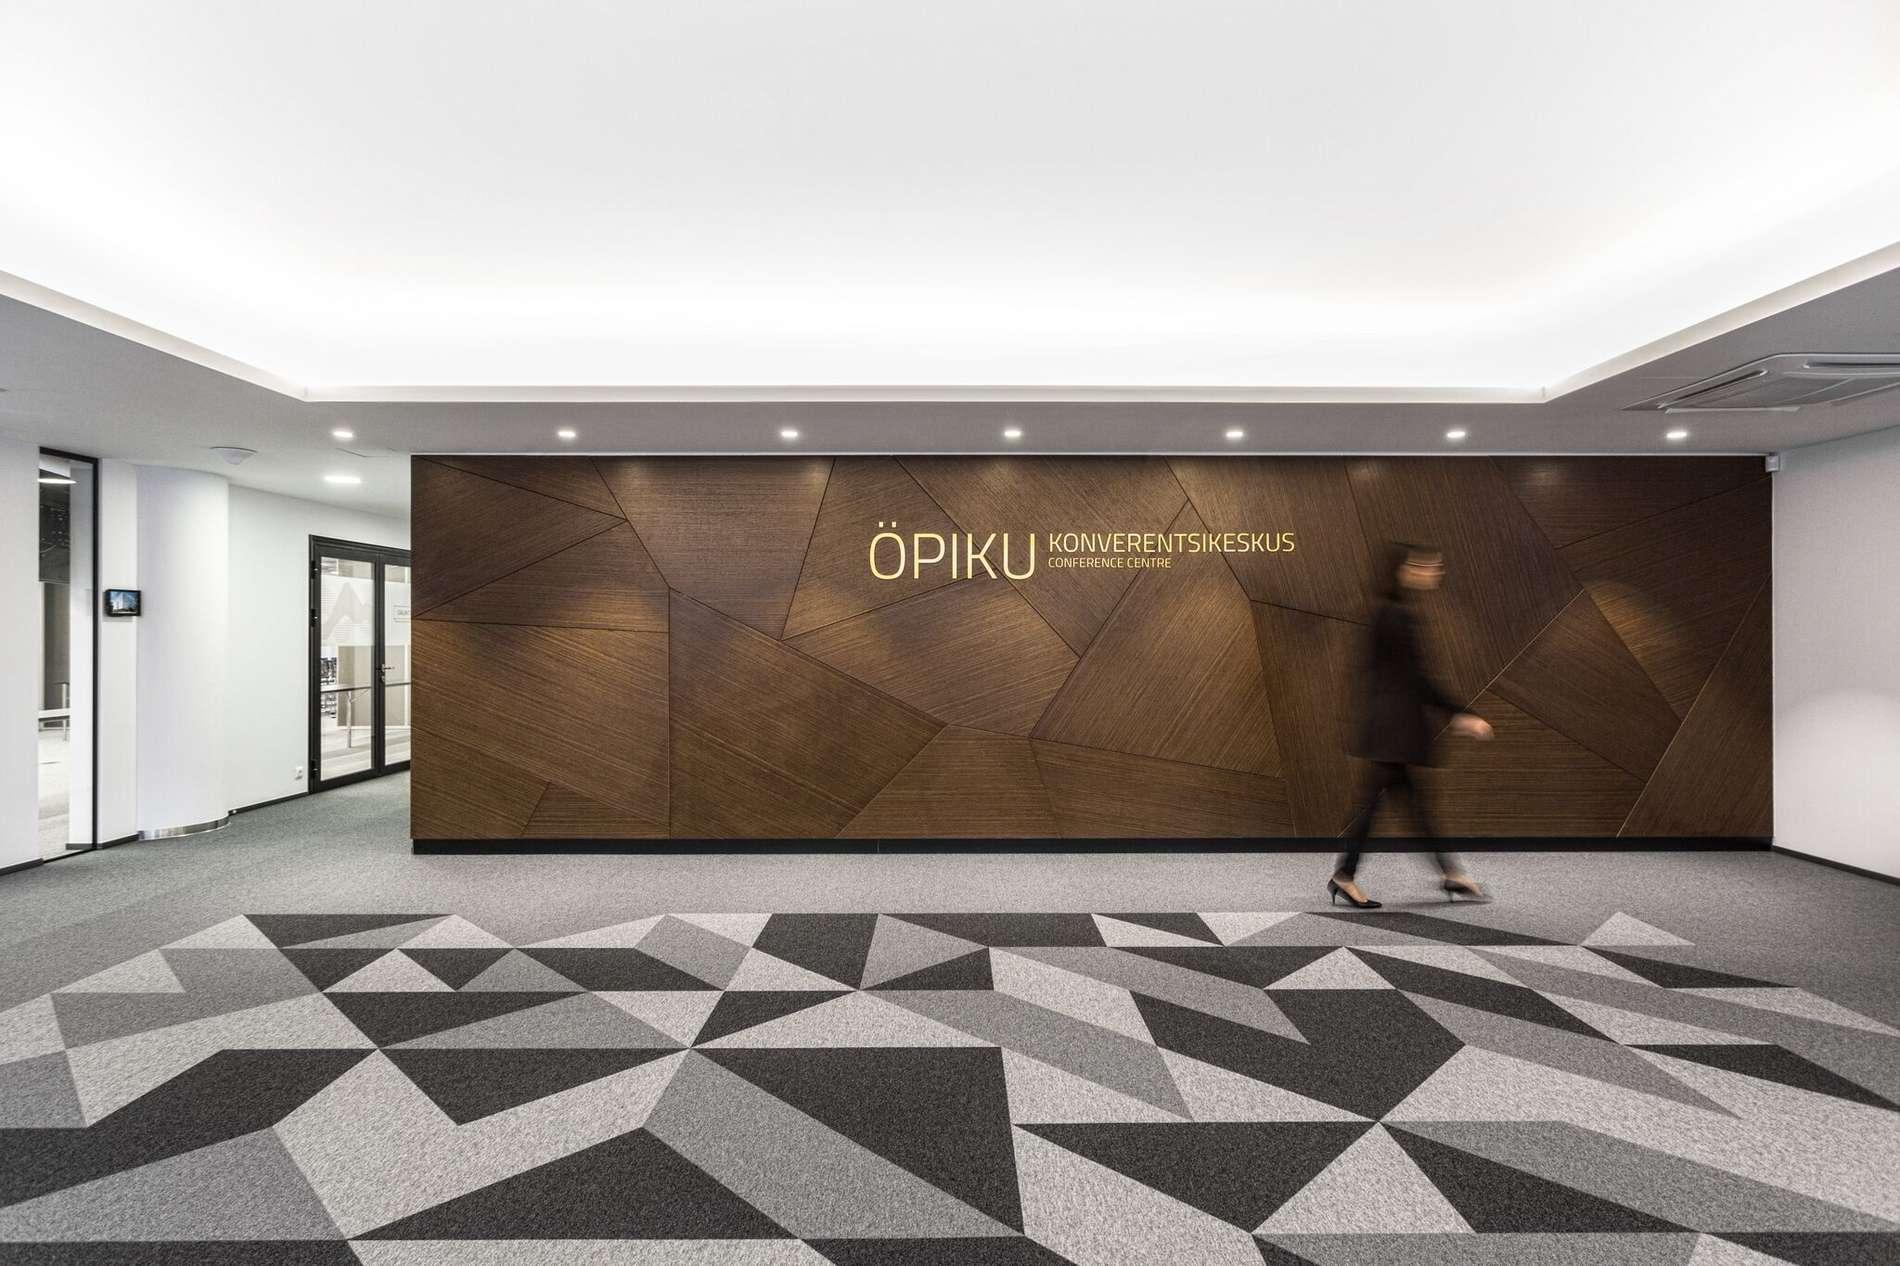 Öpiku conference centre_2017